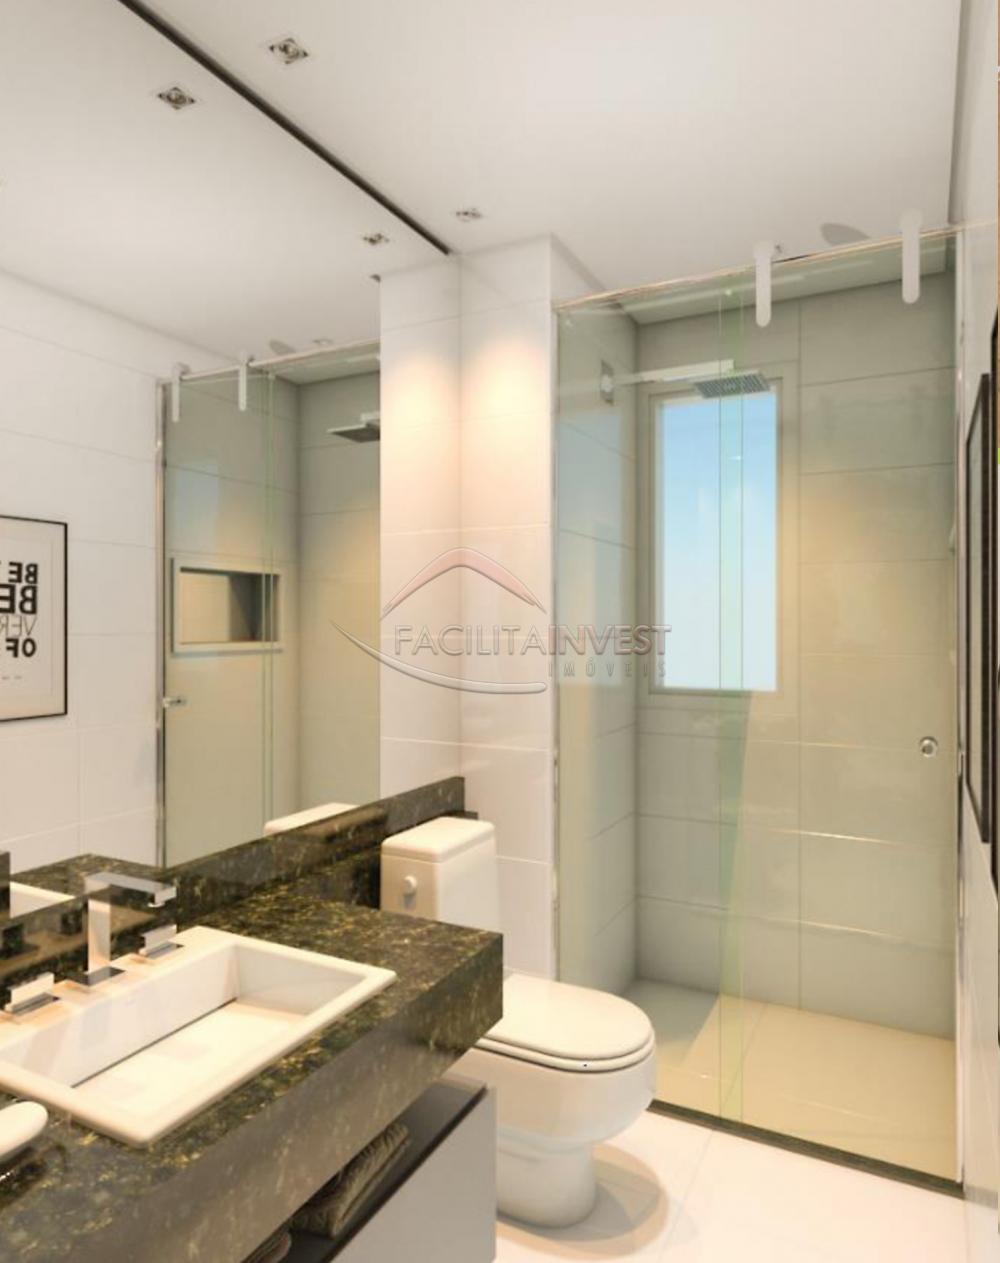 Comprar Lançamentos/ Empreendimentos em Construç / Apartamento padrão - Lançamento em Ribeirão Preto apenas R$ 582.523,00 - Foto 8